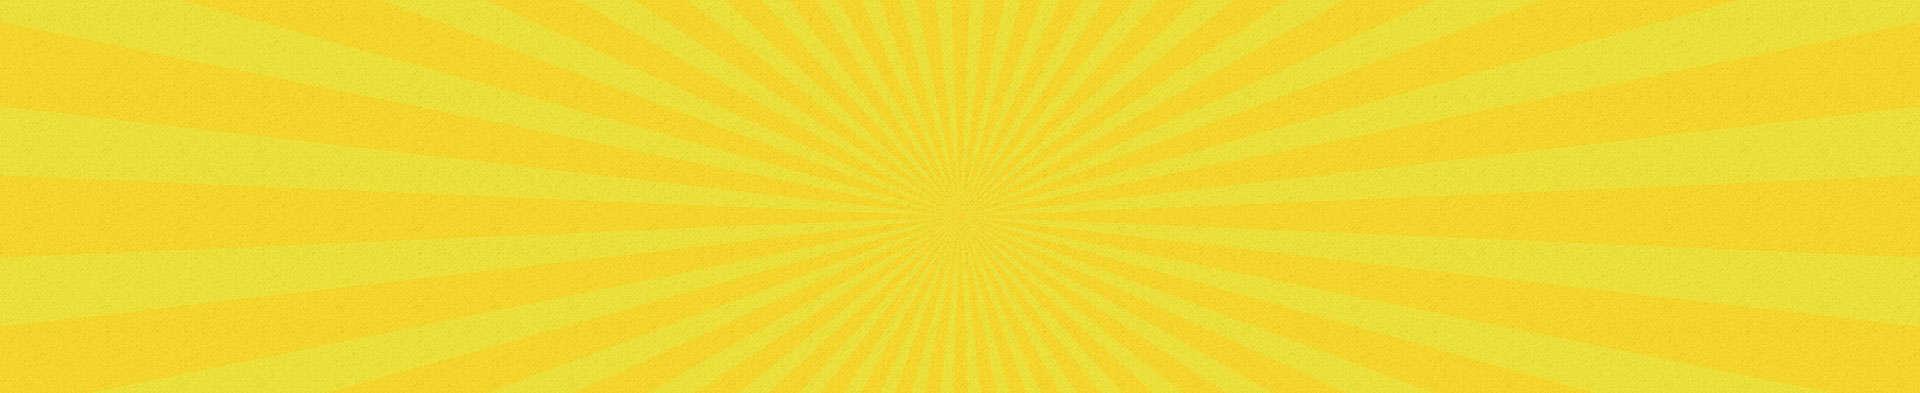 Yellow Sunny Bg